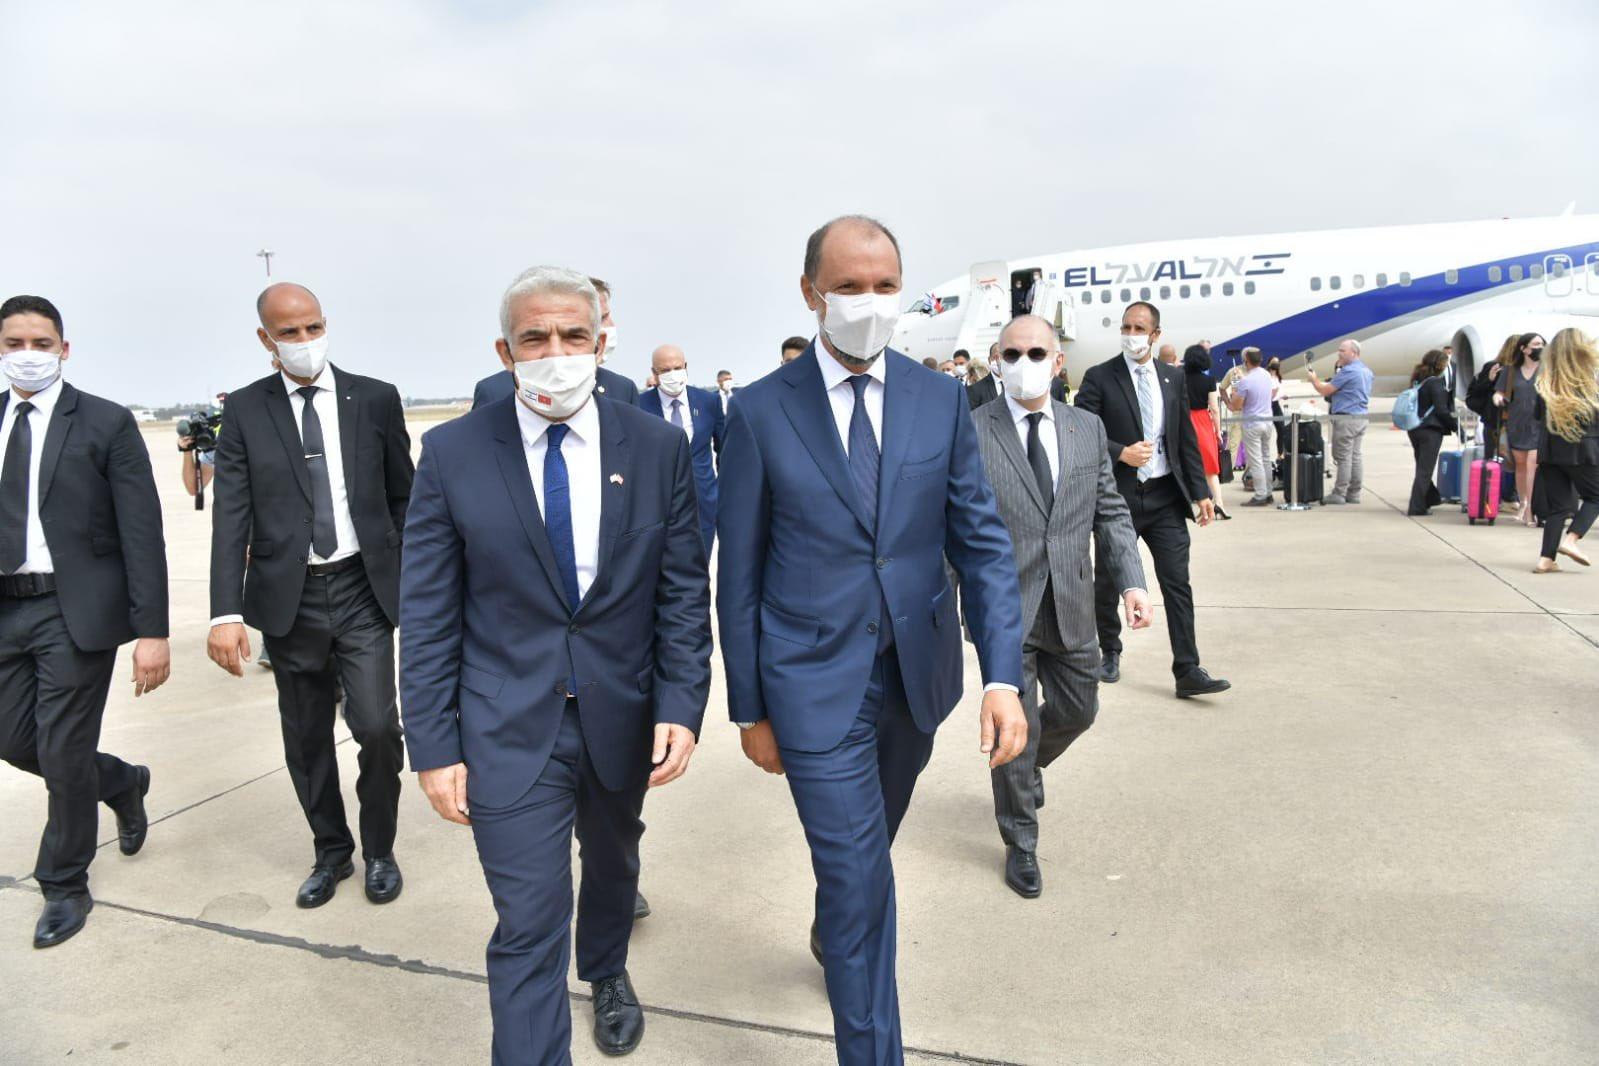 L'avion de la délégation israélienne atterrit au Maroc (vidéo)